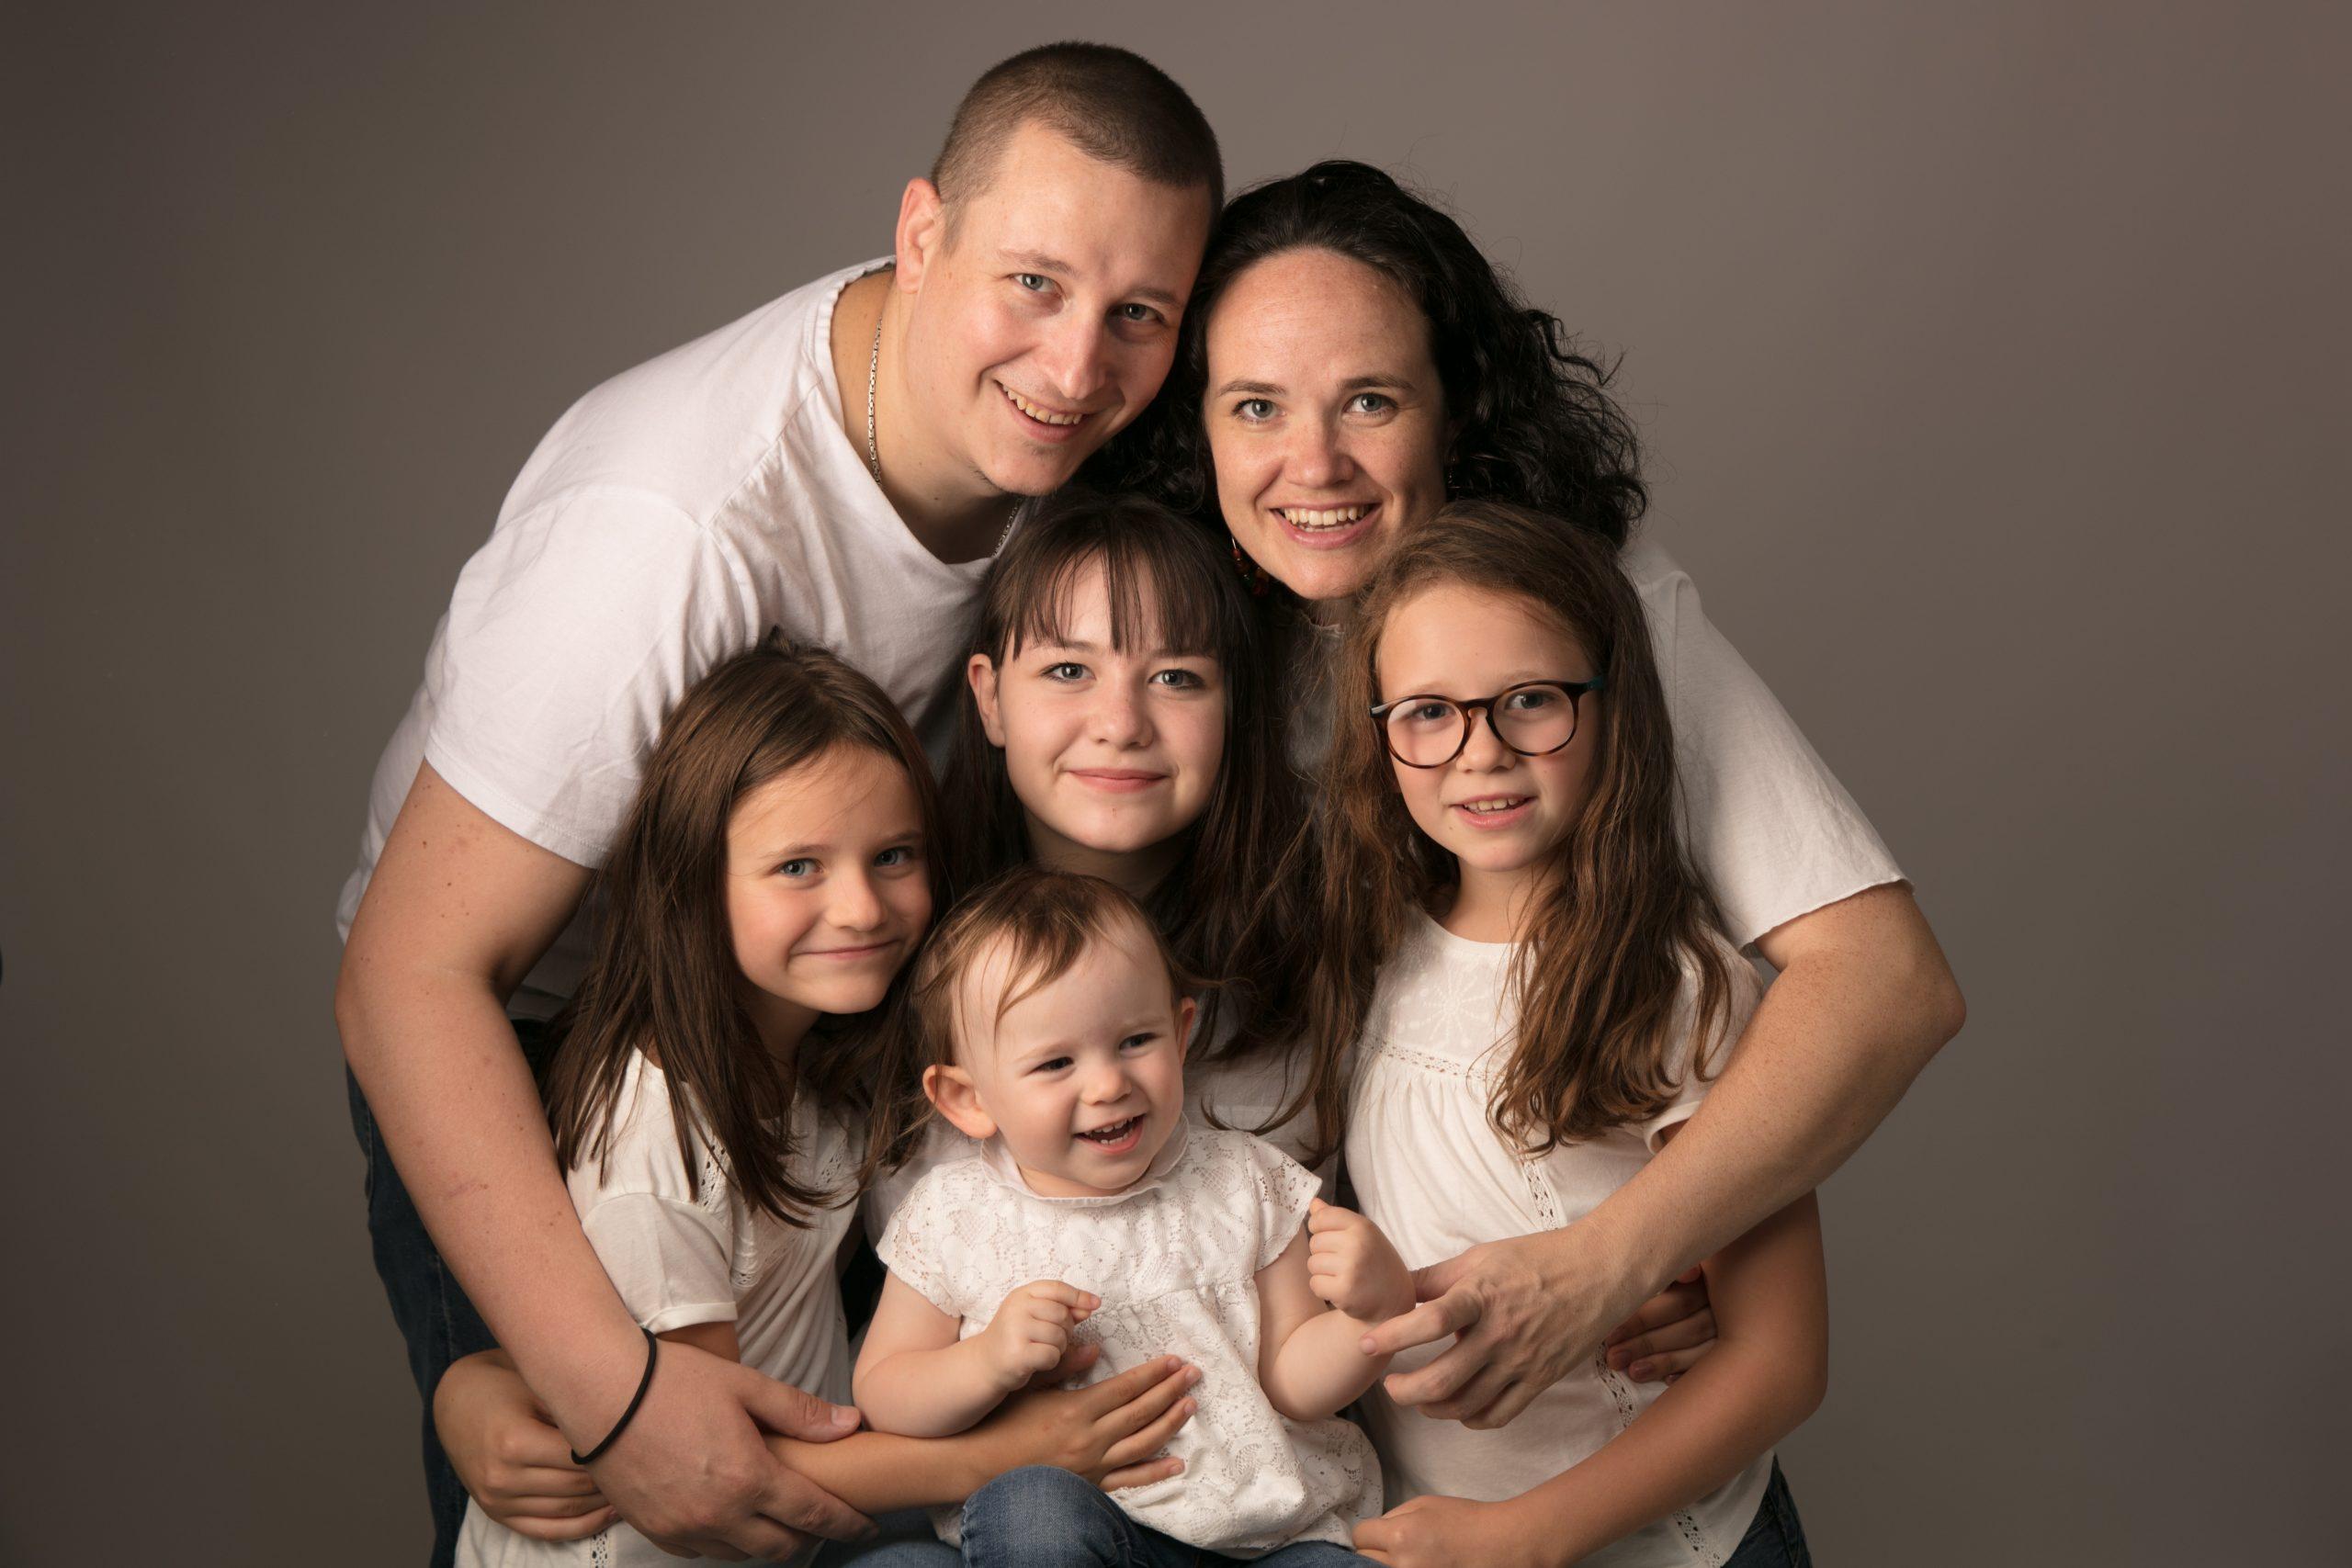 photographe.famille.jpg